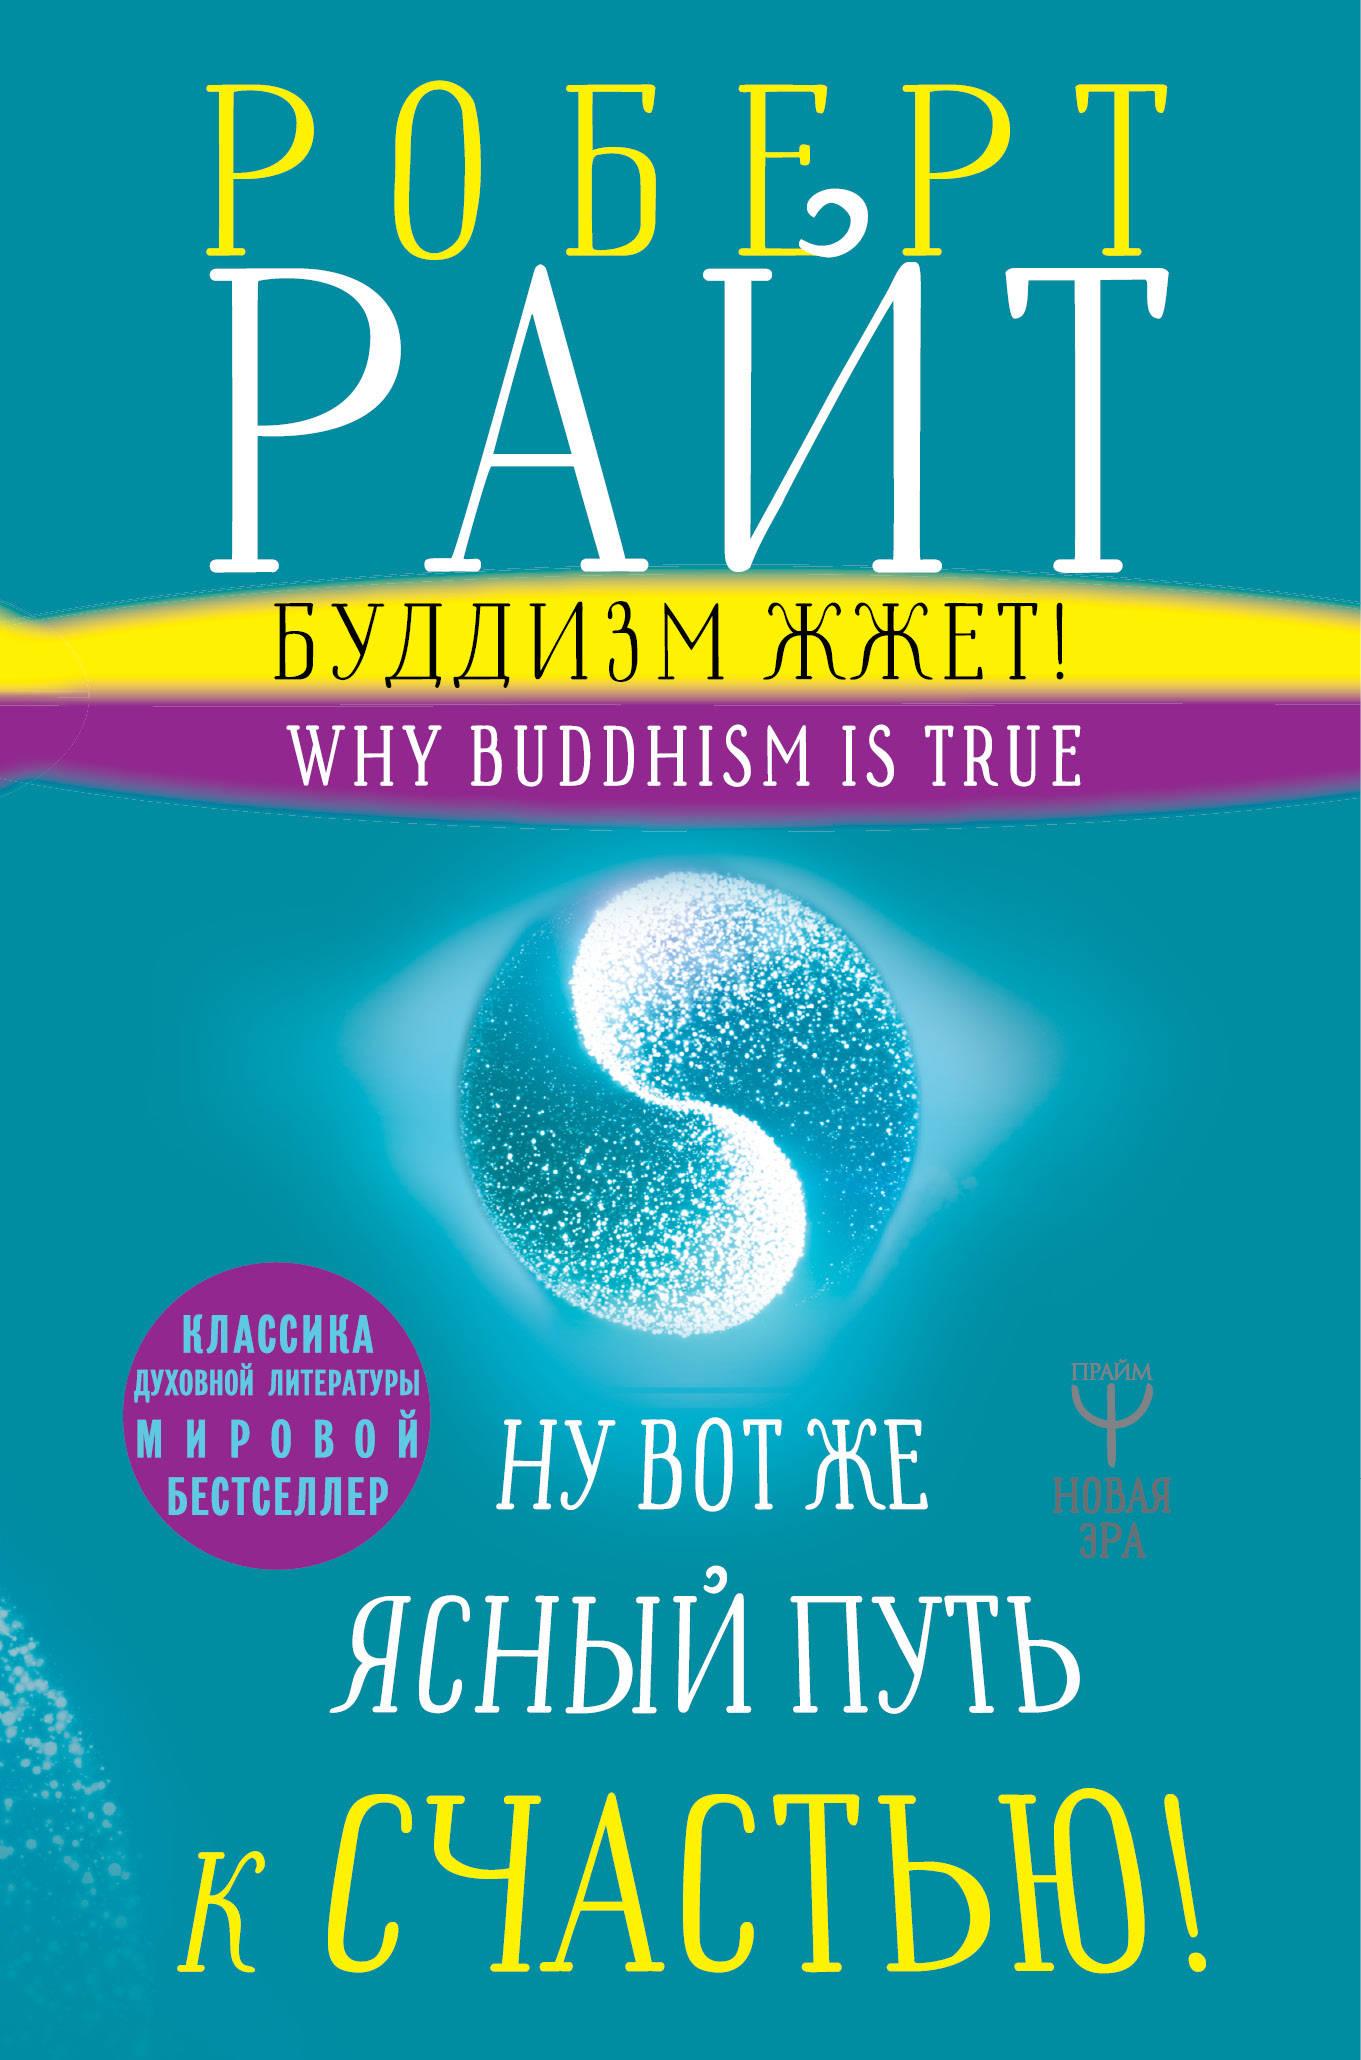 Роберт Райт Буддизм жжет! Ну вот же ясный путь к счастью! Нейропсихология медитации и просветления